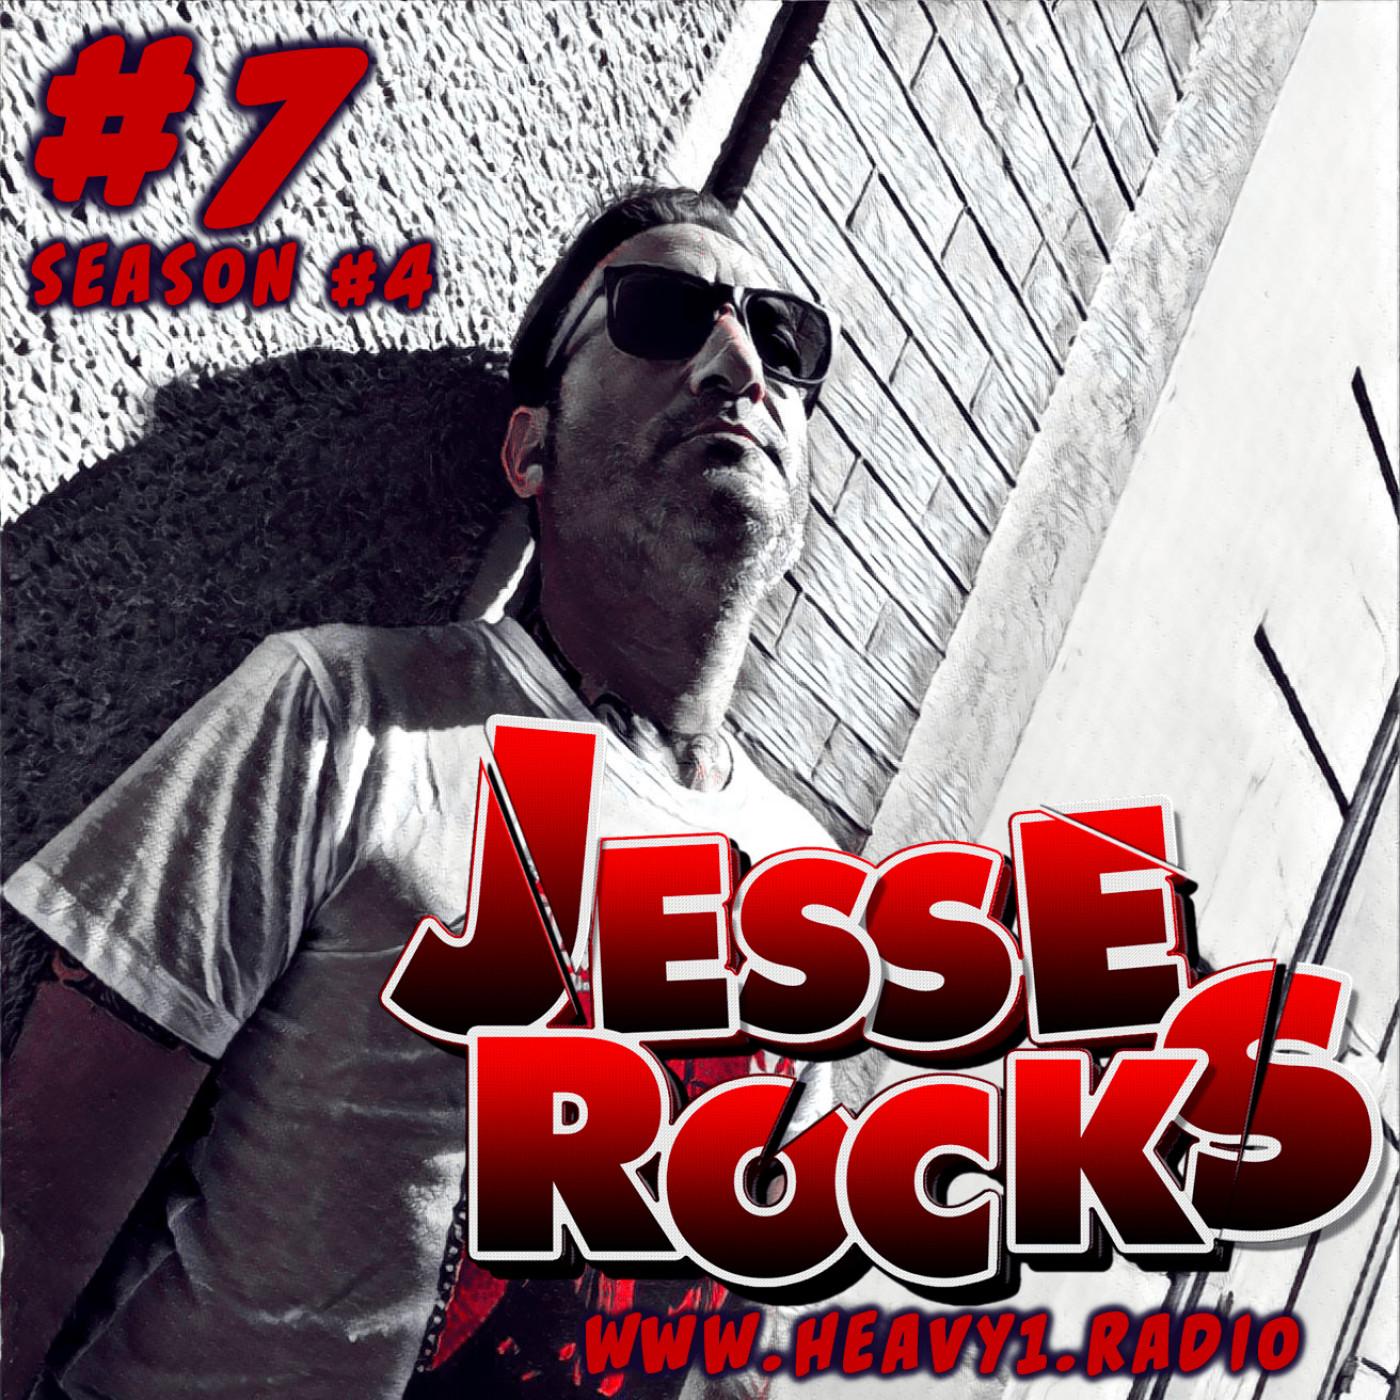 Jesse Rocks #07 Saison 4